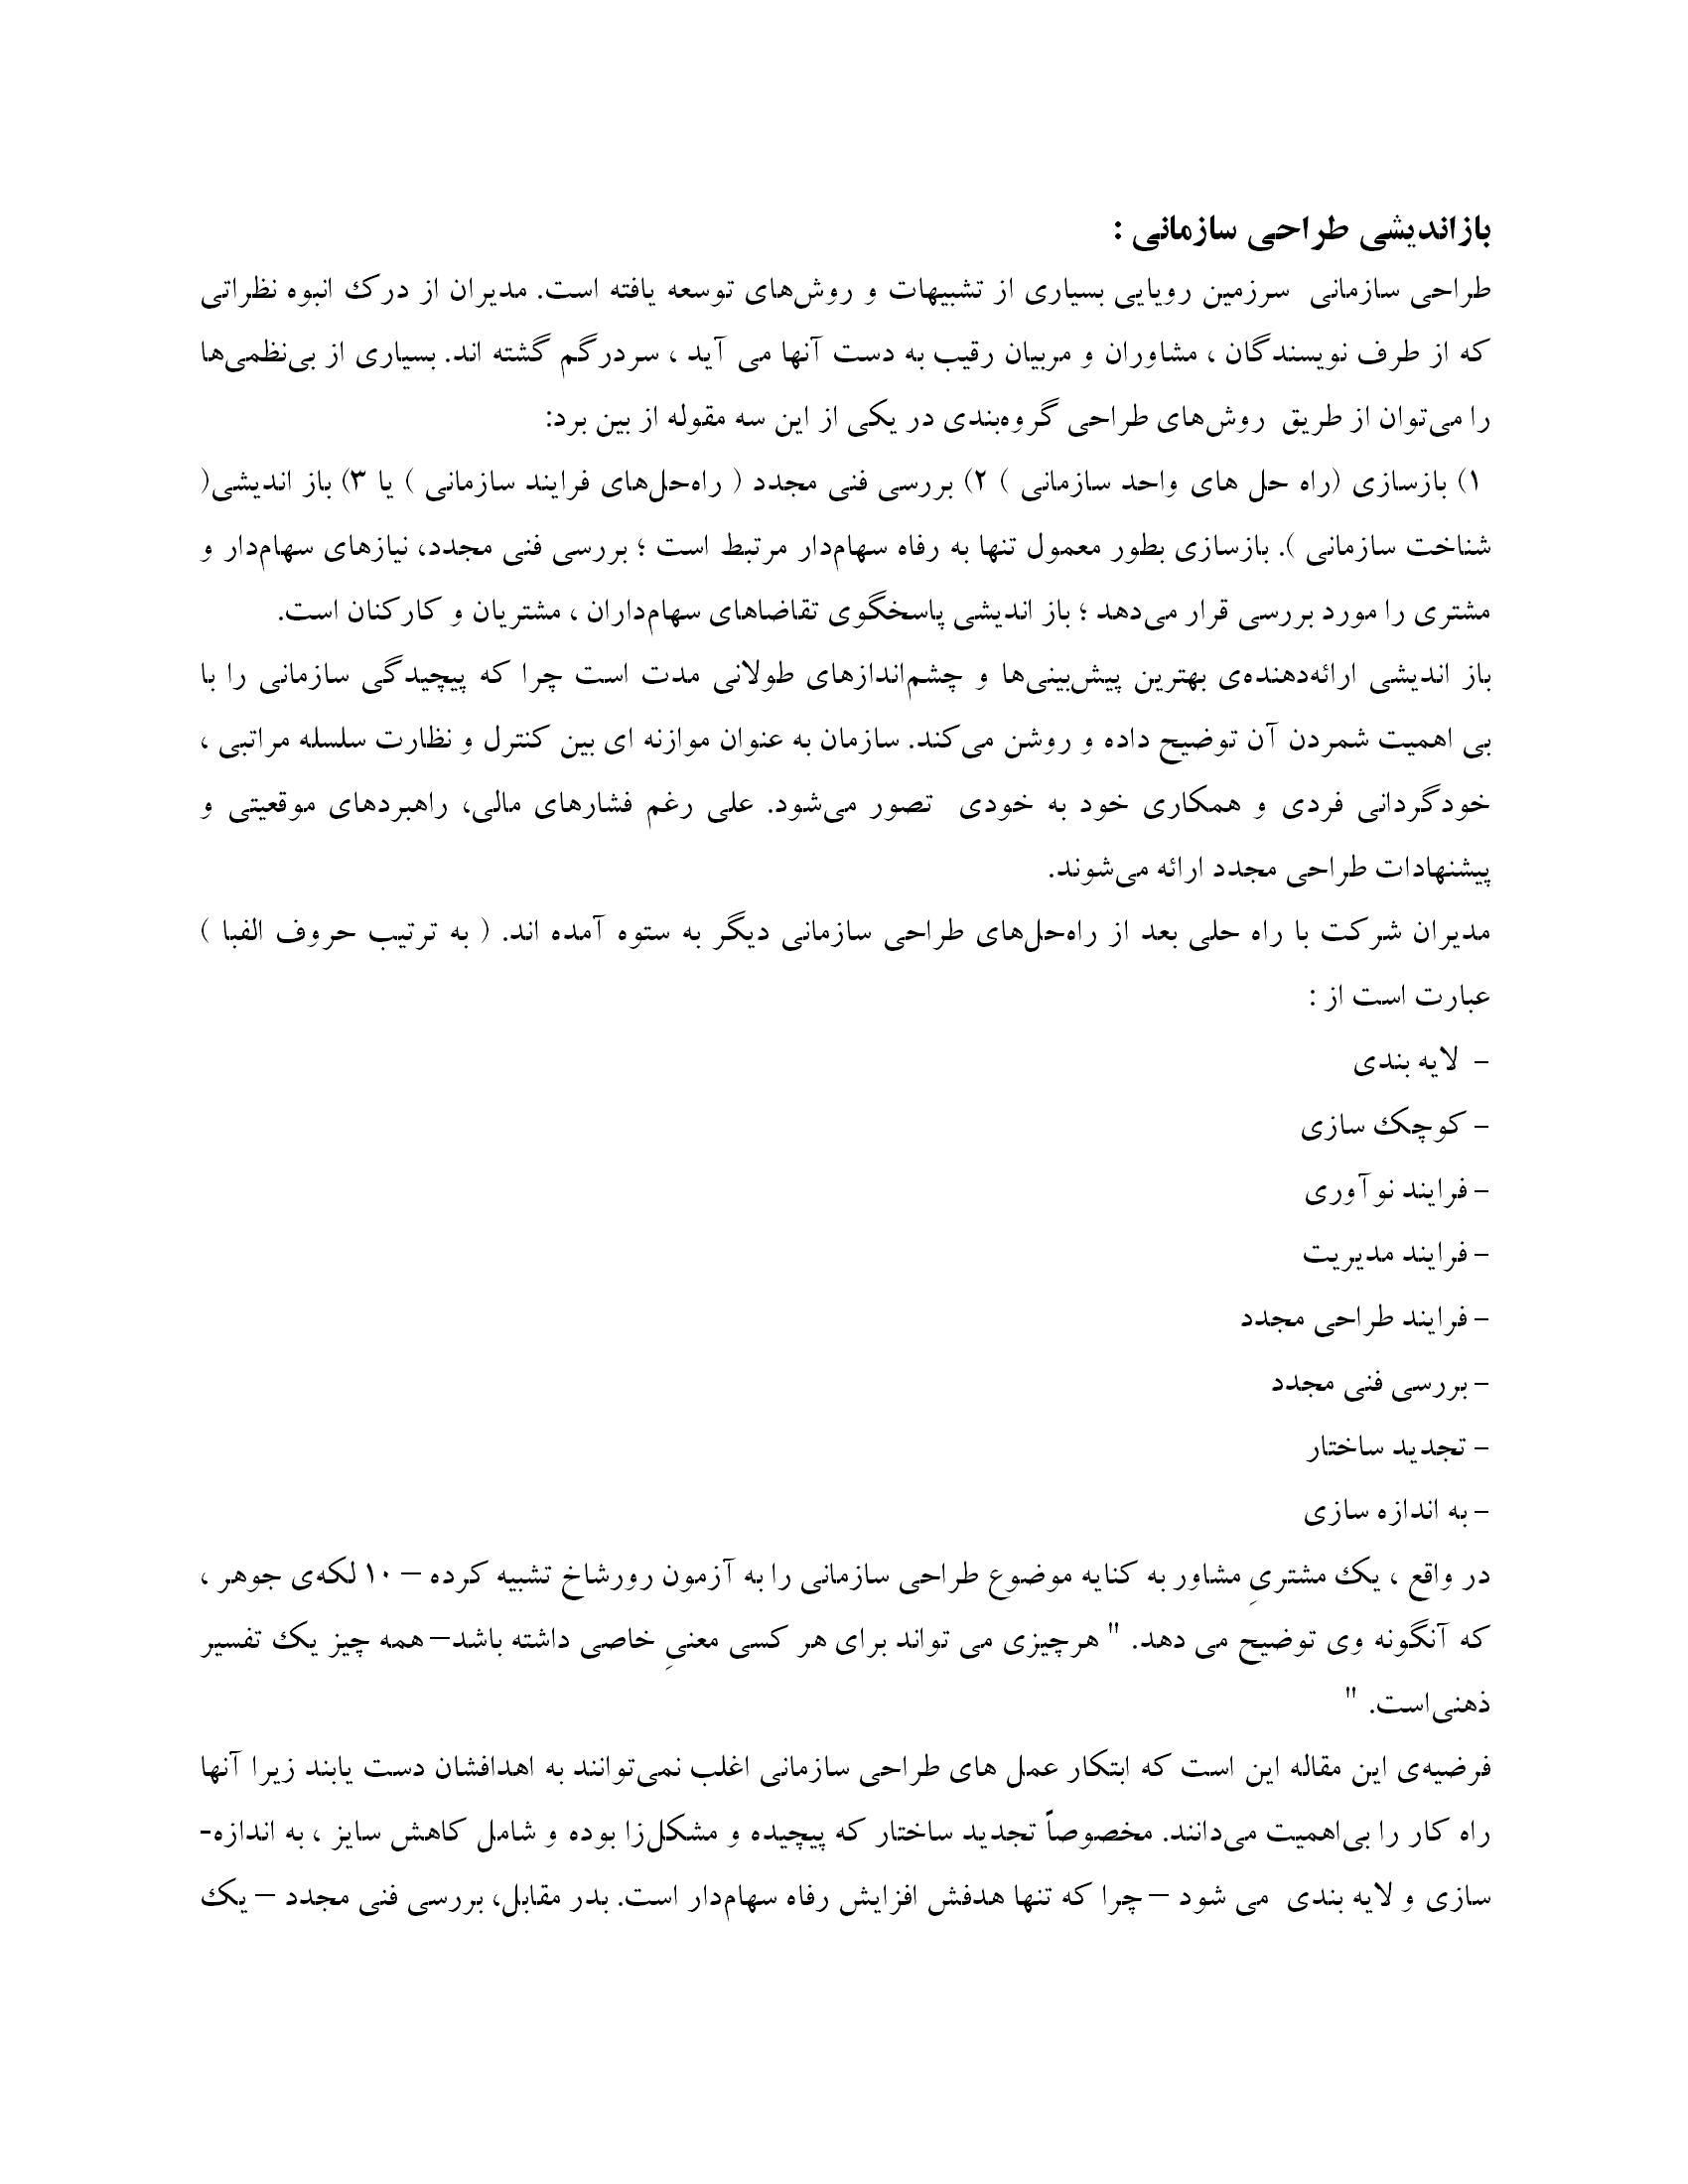 ترجمه مقاله و تحقیق - بازانديشي طراحي سازماني : 25